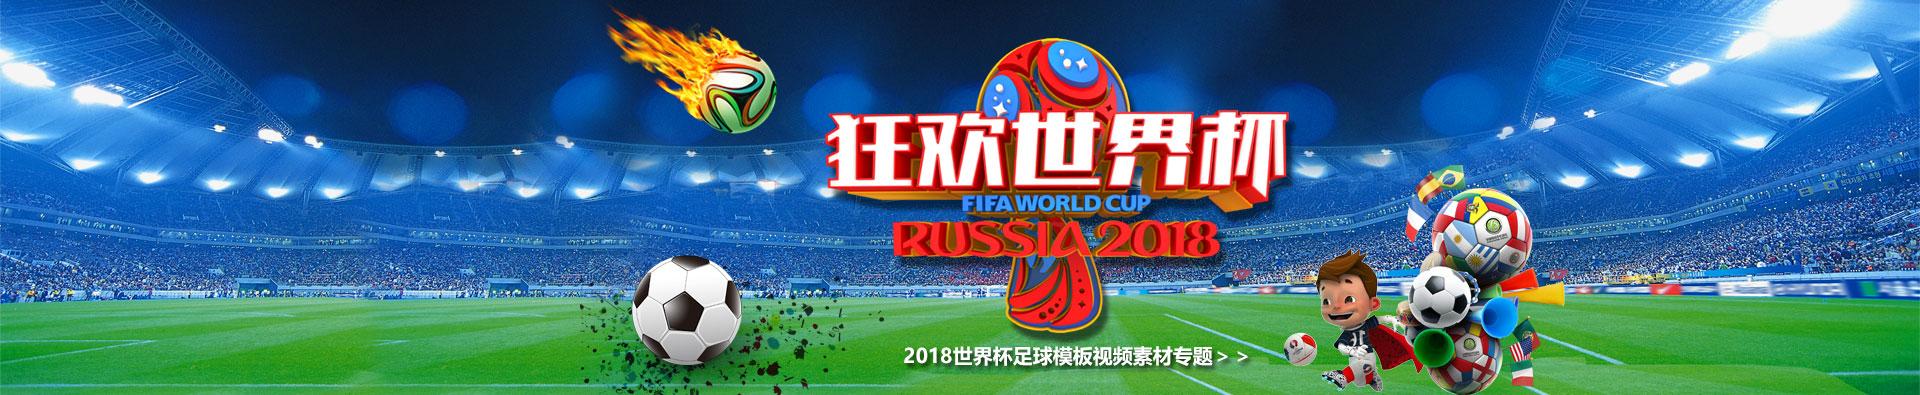 世界杯足球模板视频专题